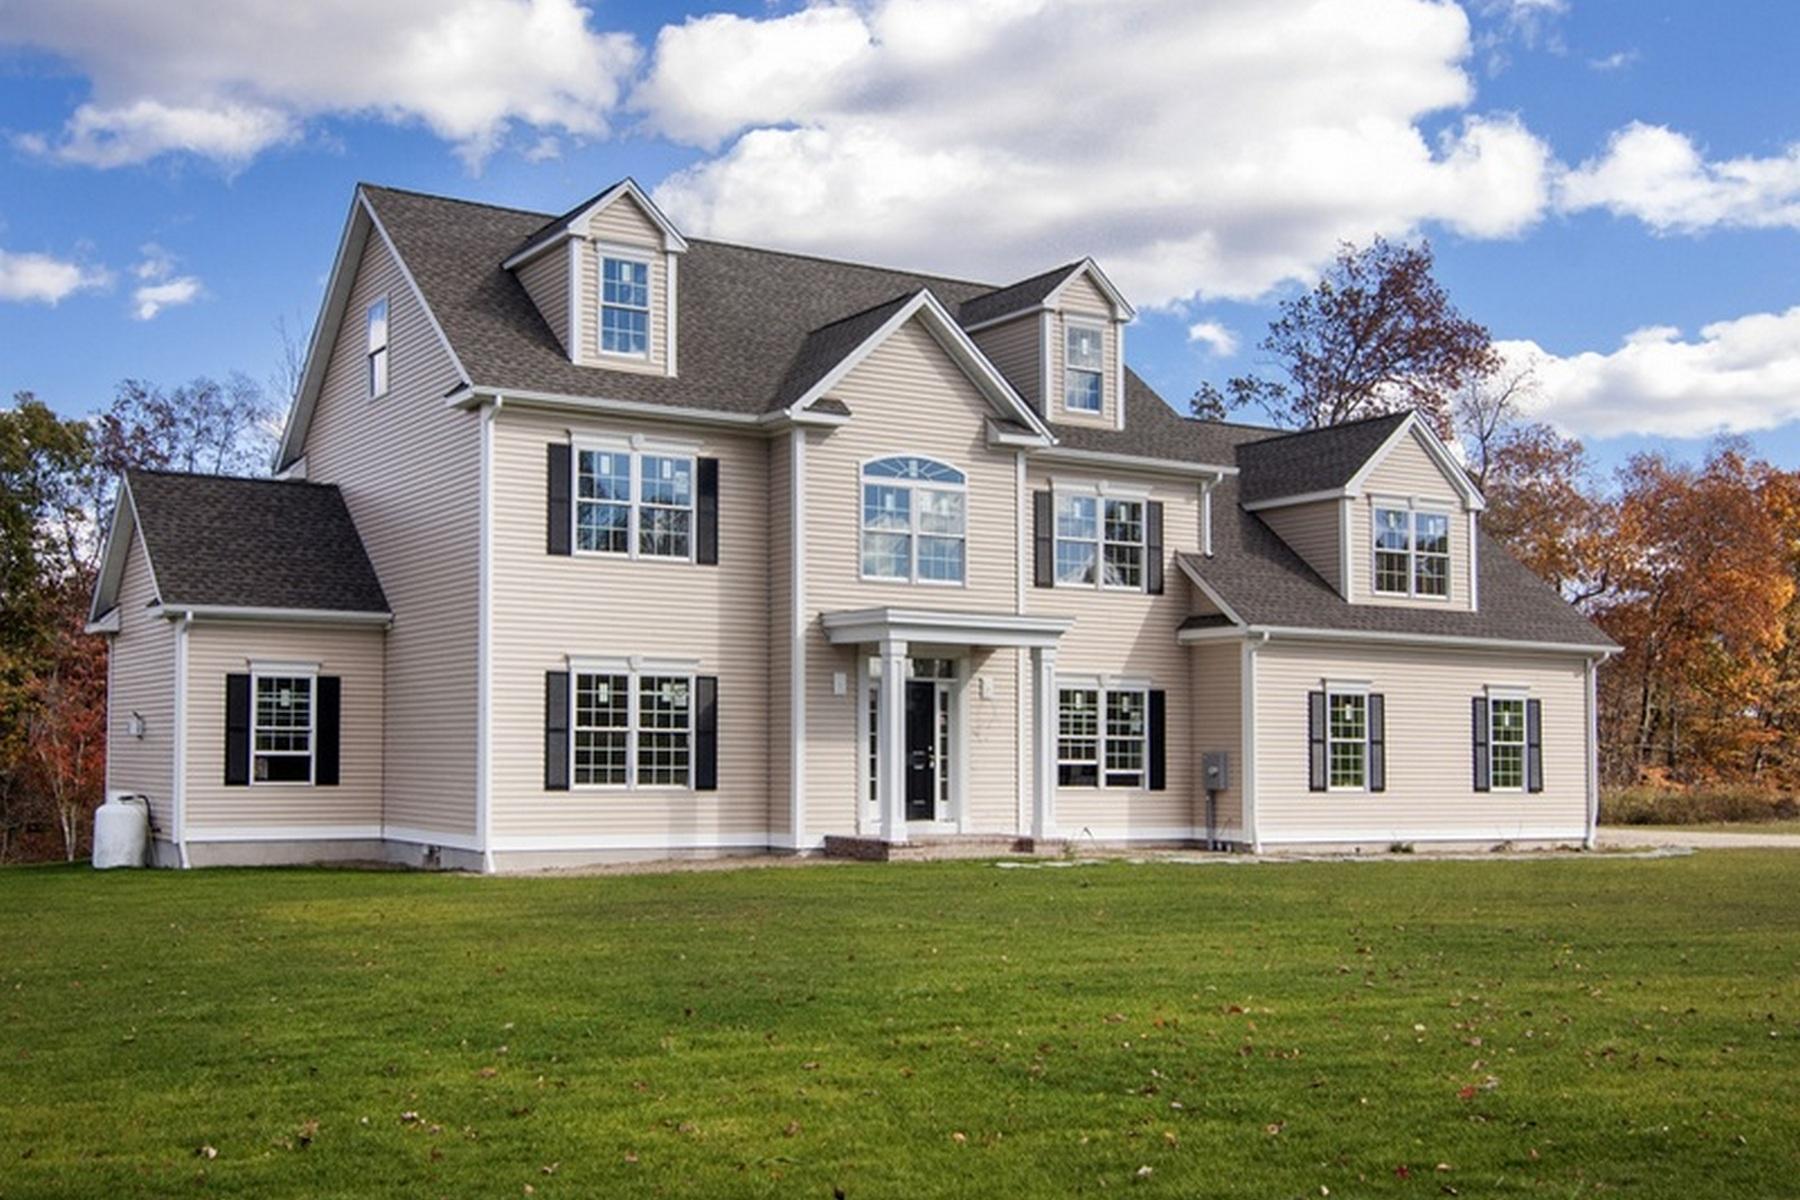 土地 为 销售 在 New Construction Lot 51 Beaver Dam 基林沃斯, 康涅狄格州, 06419 美国